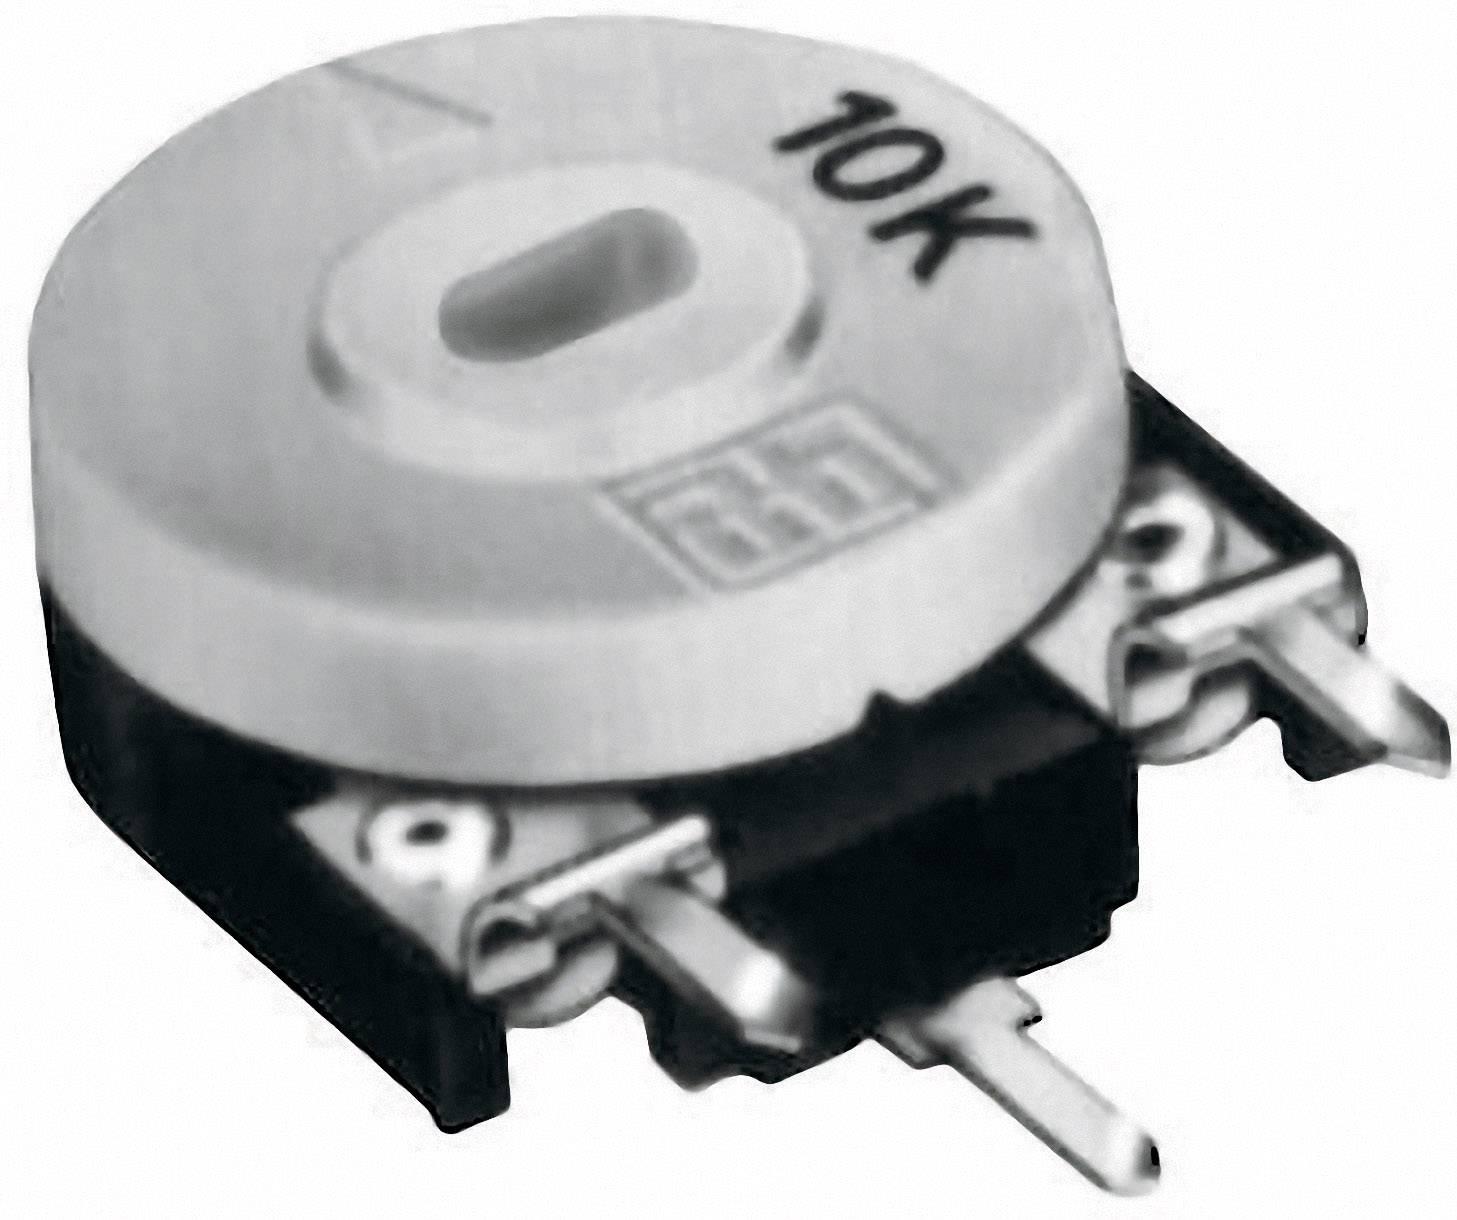 Uhlíkový trimer TT Electronics AB 21554405, lineárny, 470 kOhm, 0.15 W, 1 ks